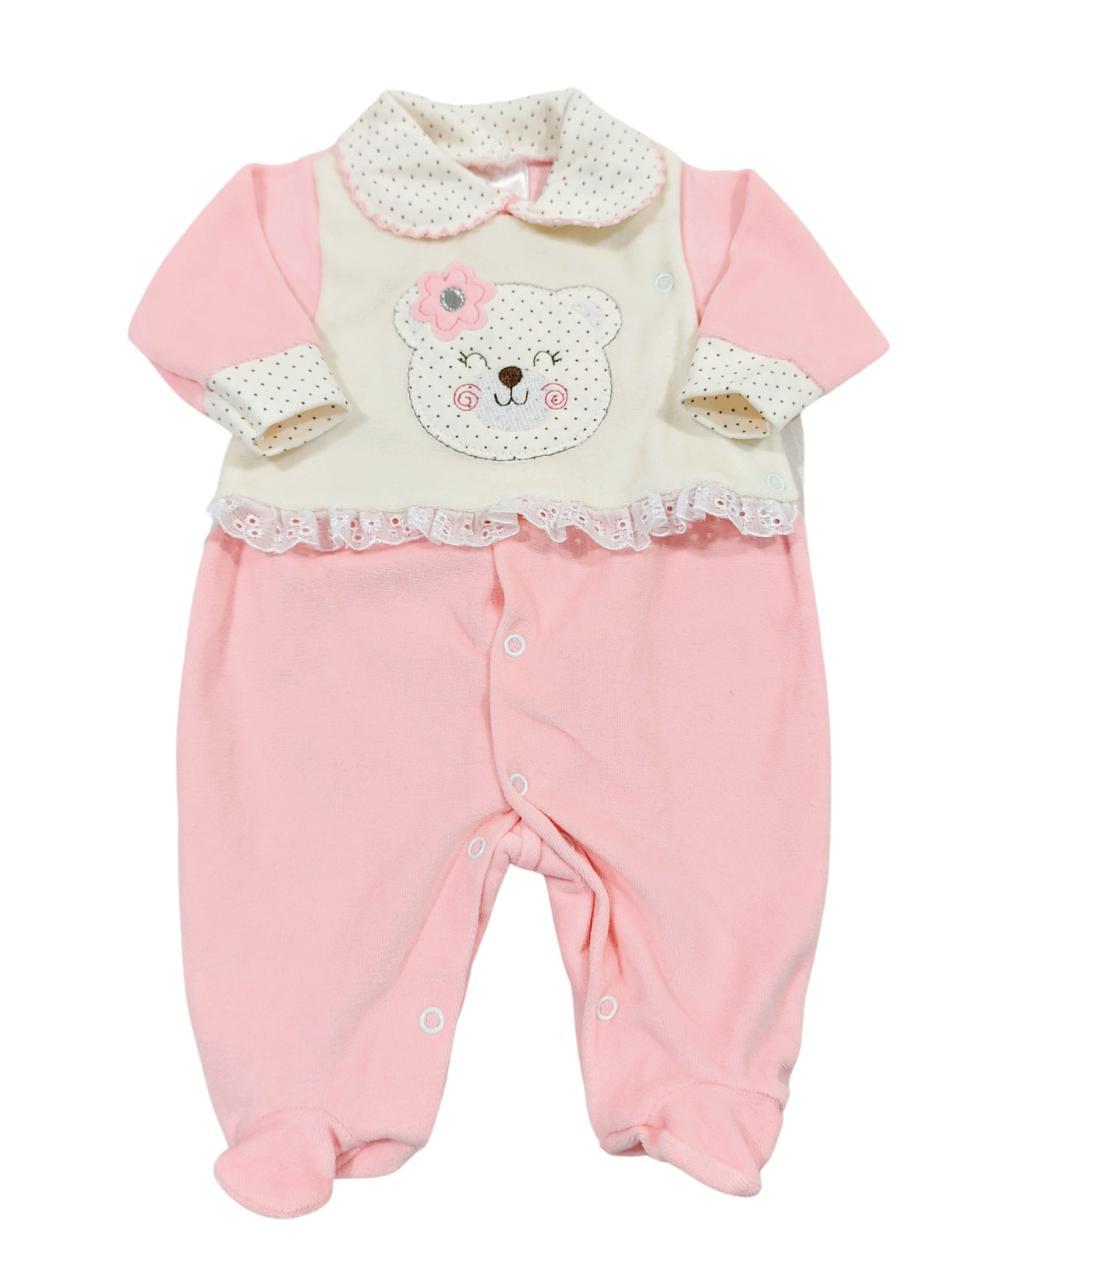 Saída de Maternidade Ursinha Rosa - Modelo Longo Plush - Recém Nascido 0 à 3 Meses - 03 Peças - Pimpinha